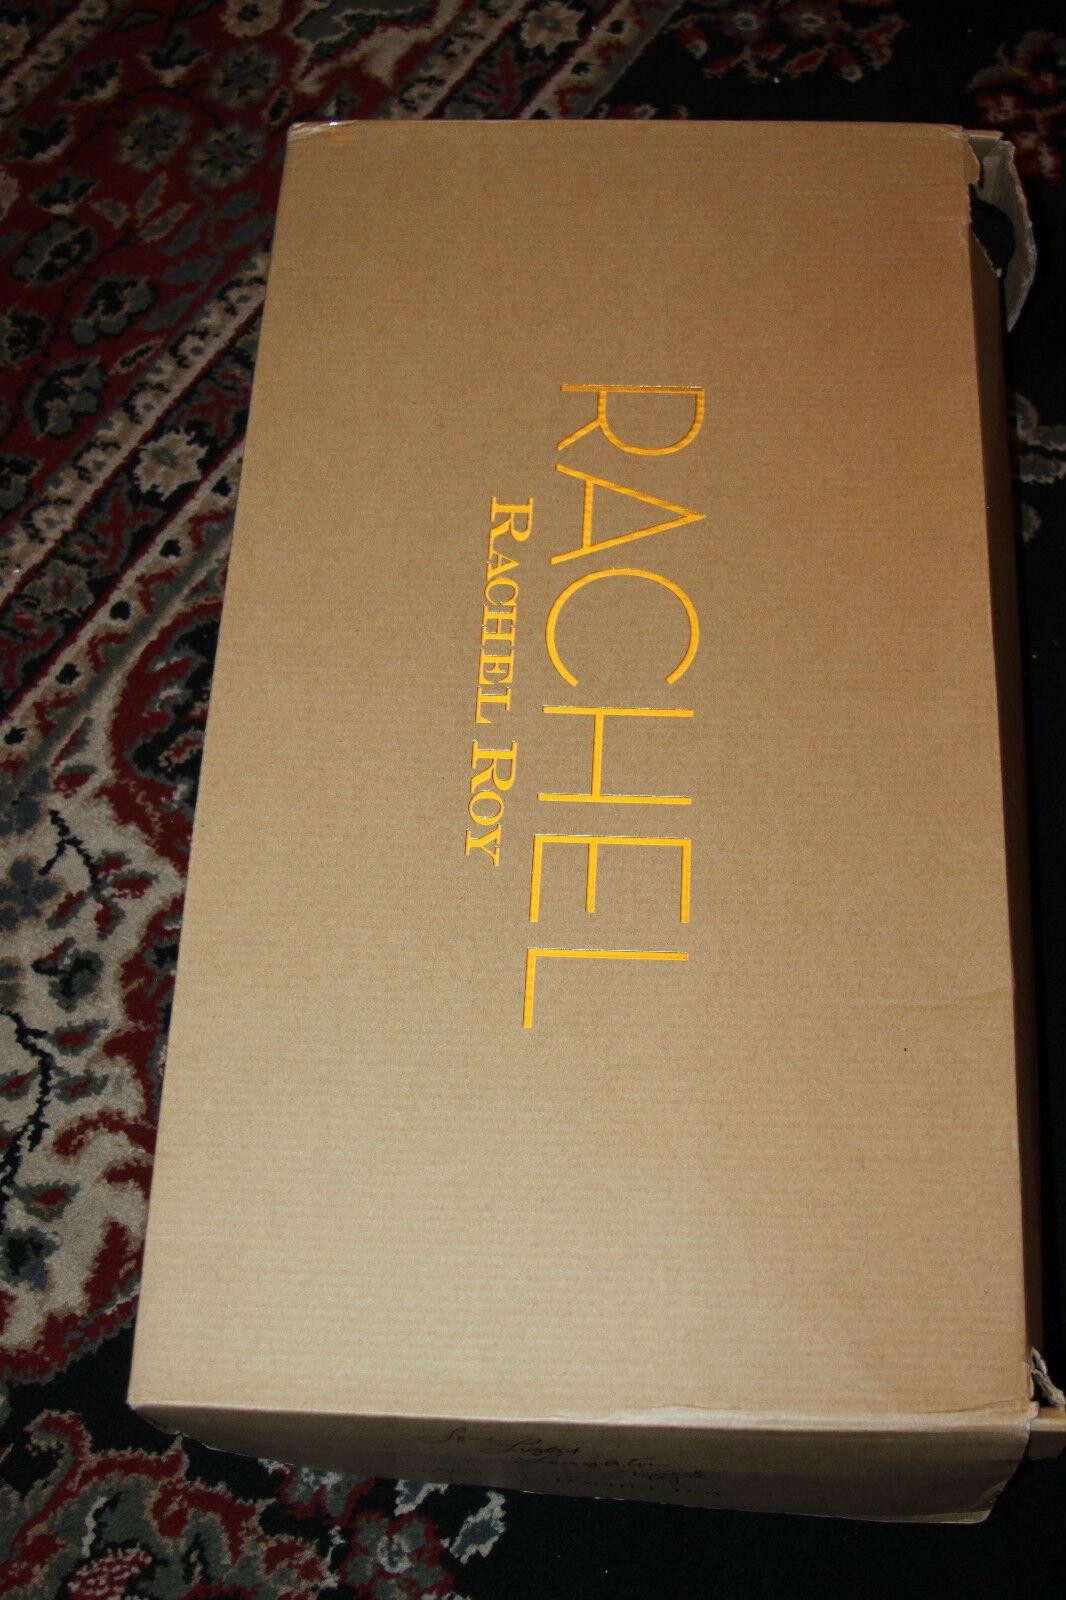 RACHEL ROY RACHEL ROSMERI Stiefel TALL SHAFT BROWN LEATHER Stiefel ROSMERI SIZE 6.5M aff663